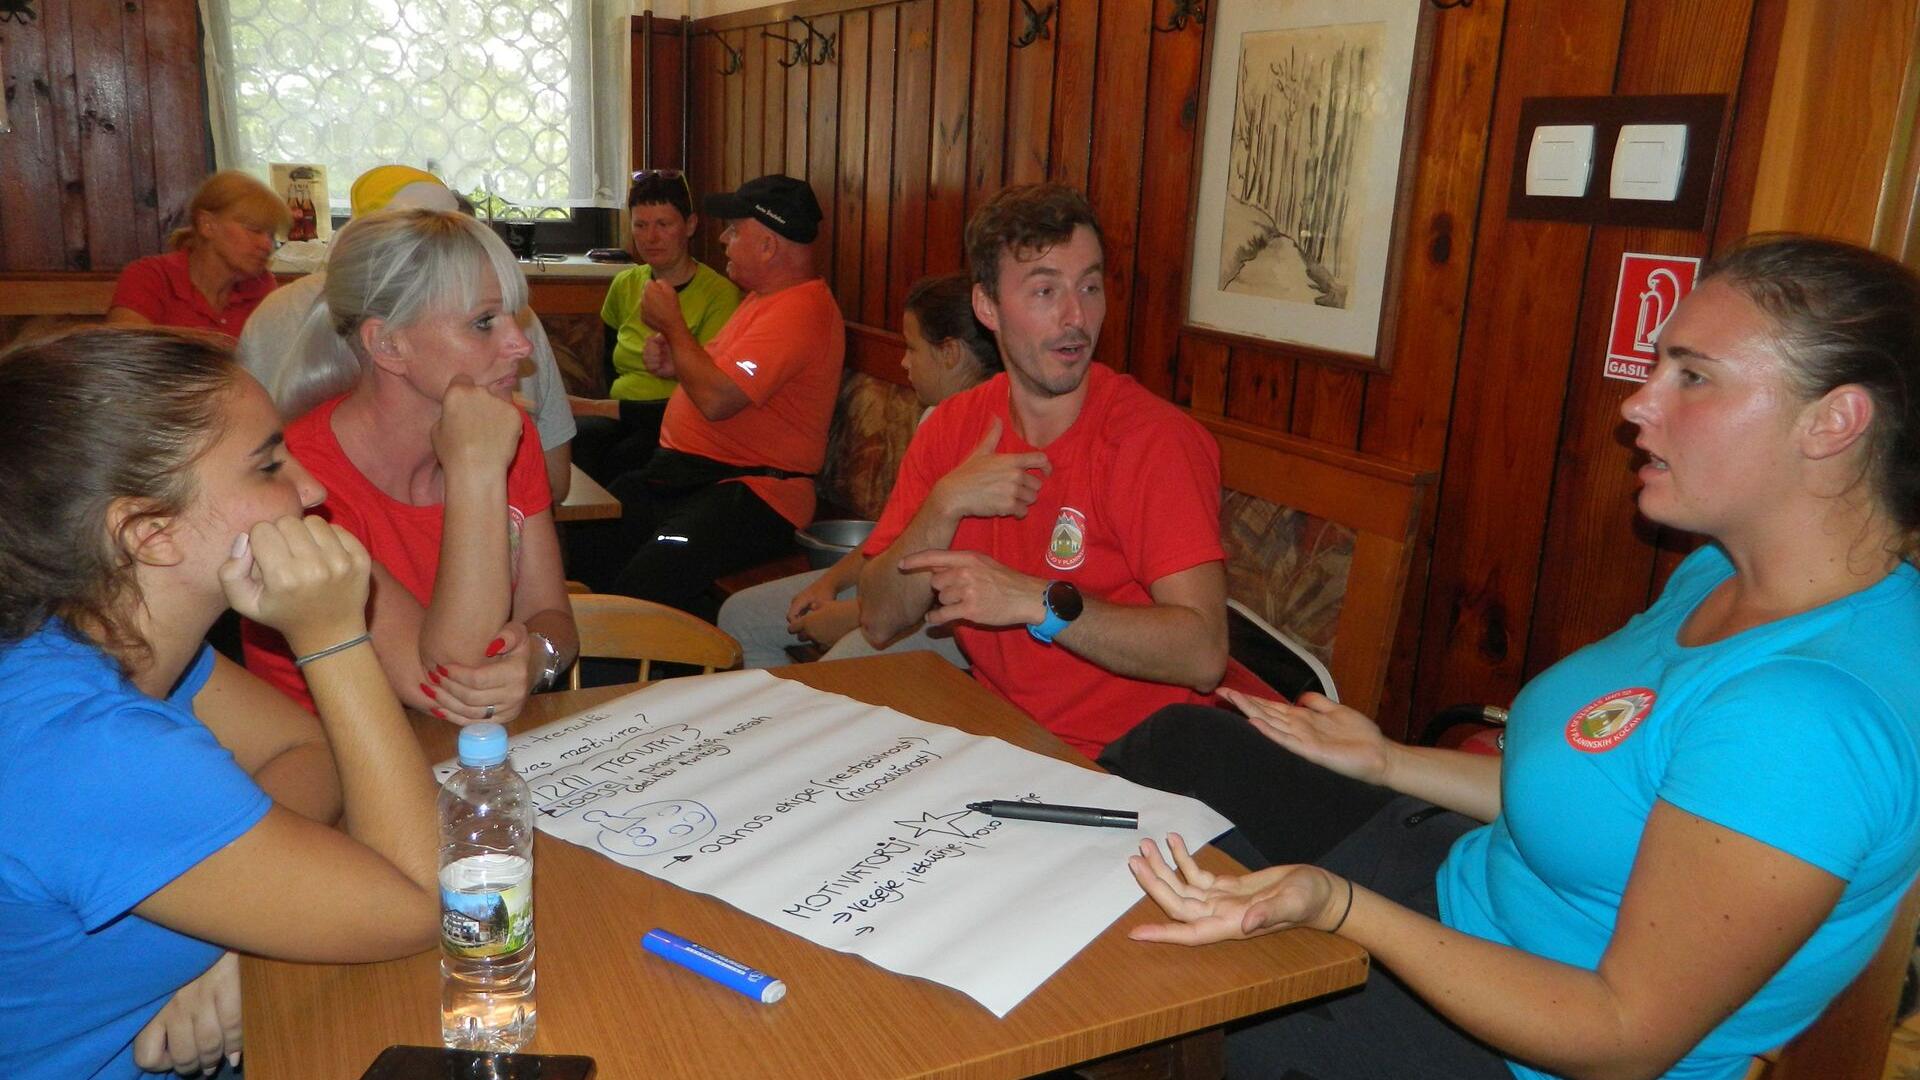 Na sliki prostovoljci sedijo za mizo in načrtujejo, foto arhiv GSPK